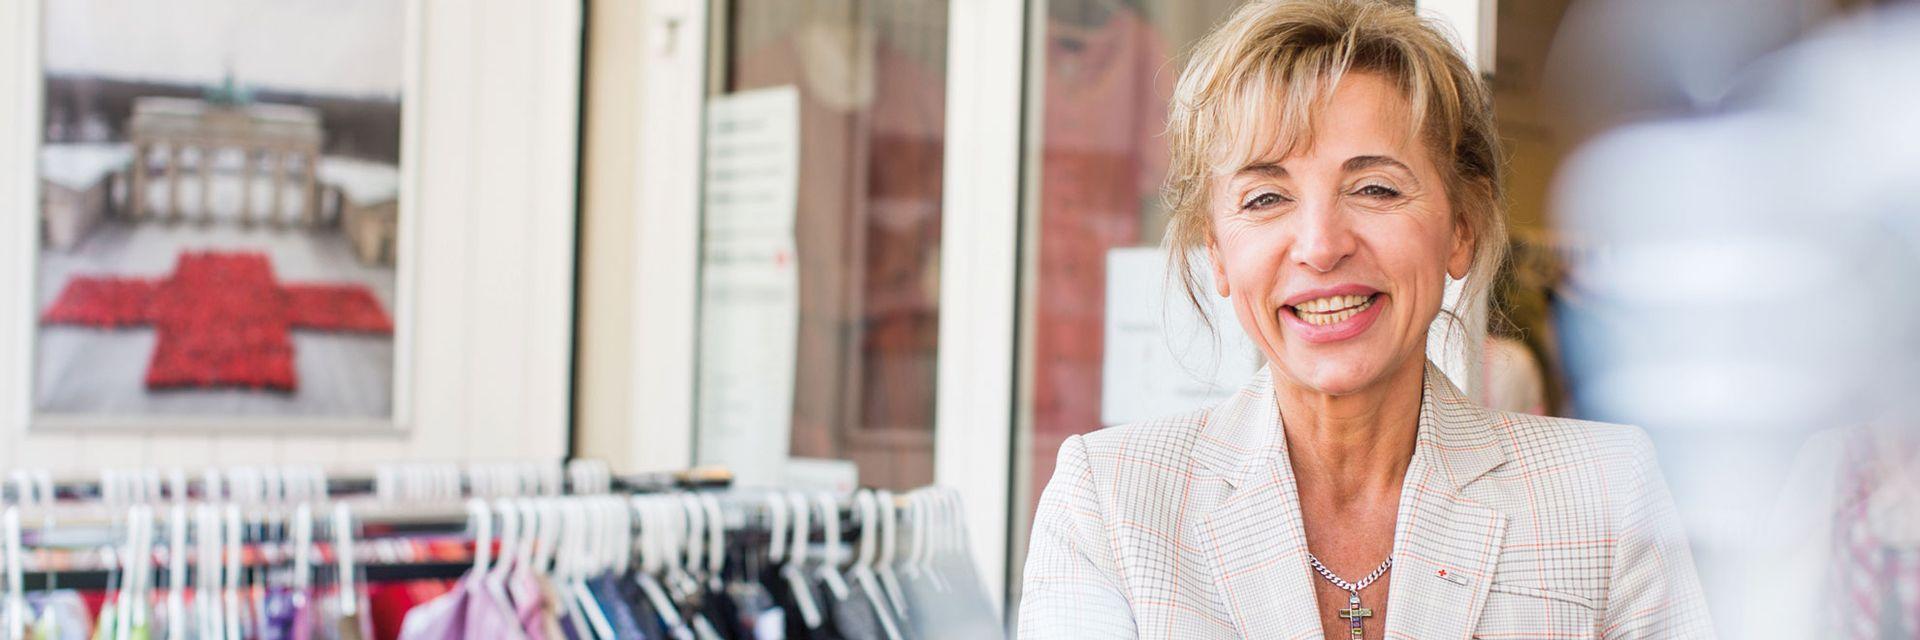 Kleider kaufen in wurzburg